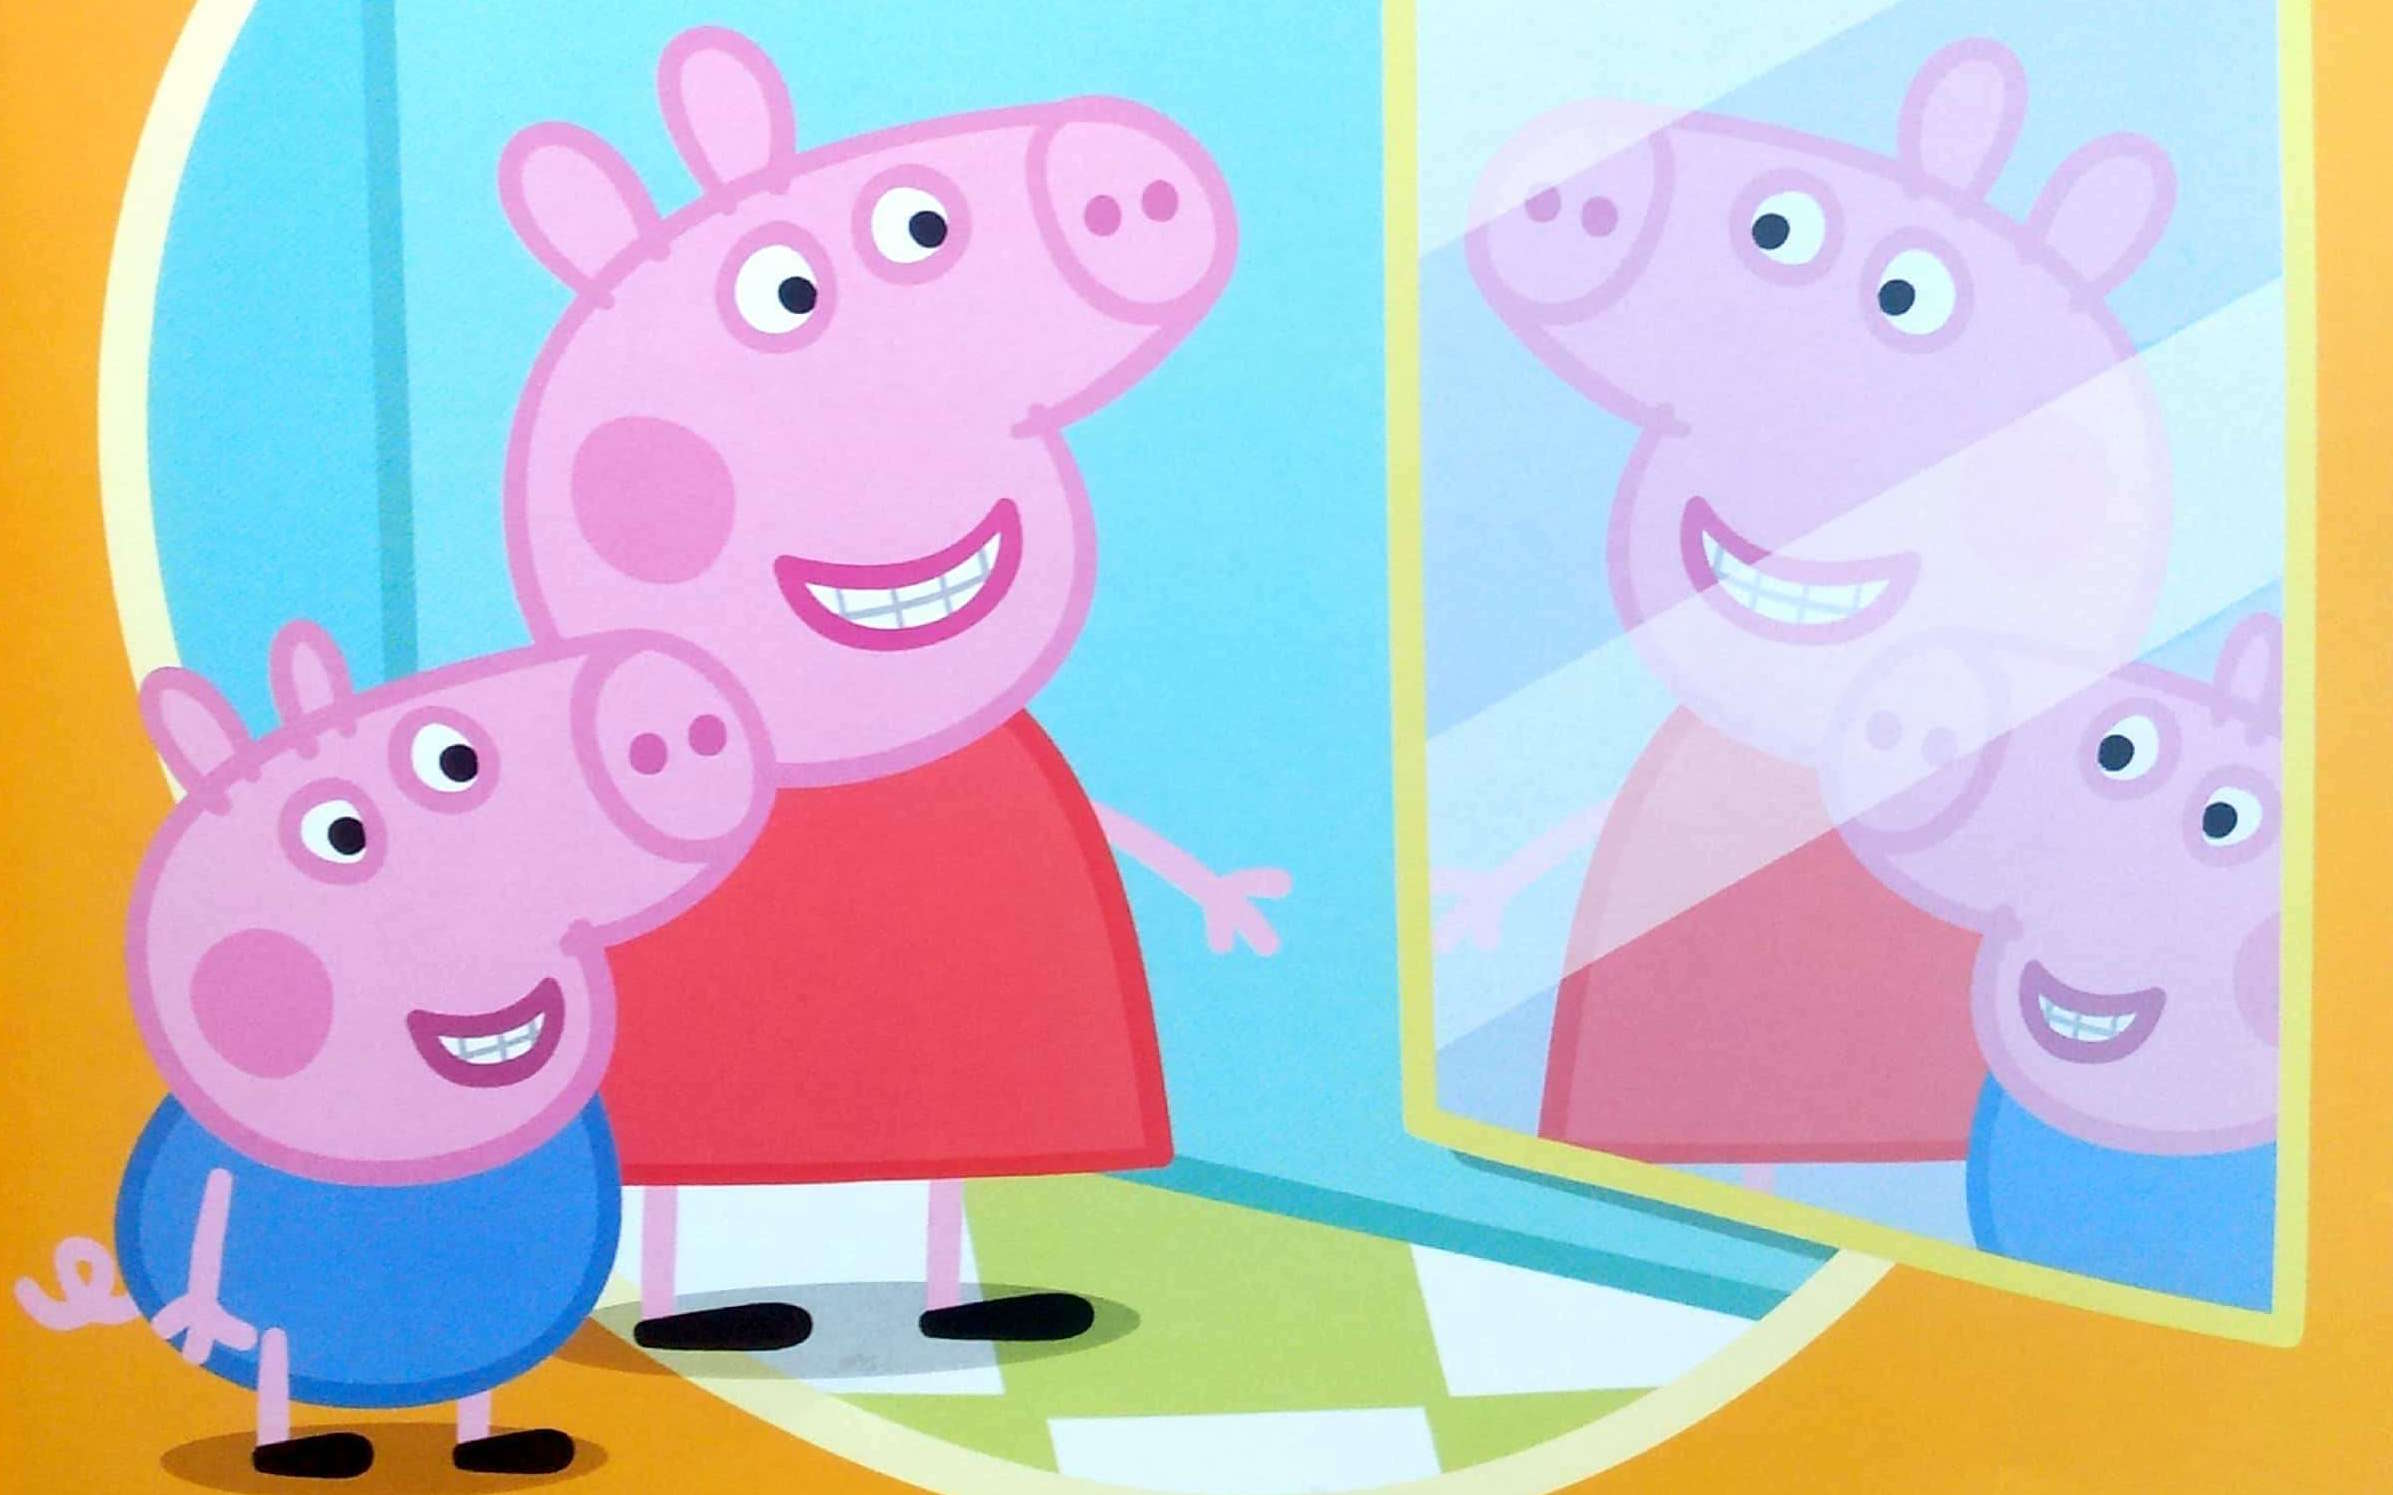 Świnka Peppa przegląda się w lustrze